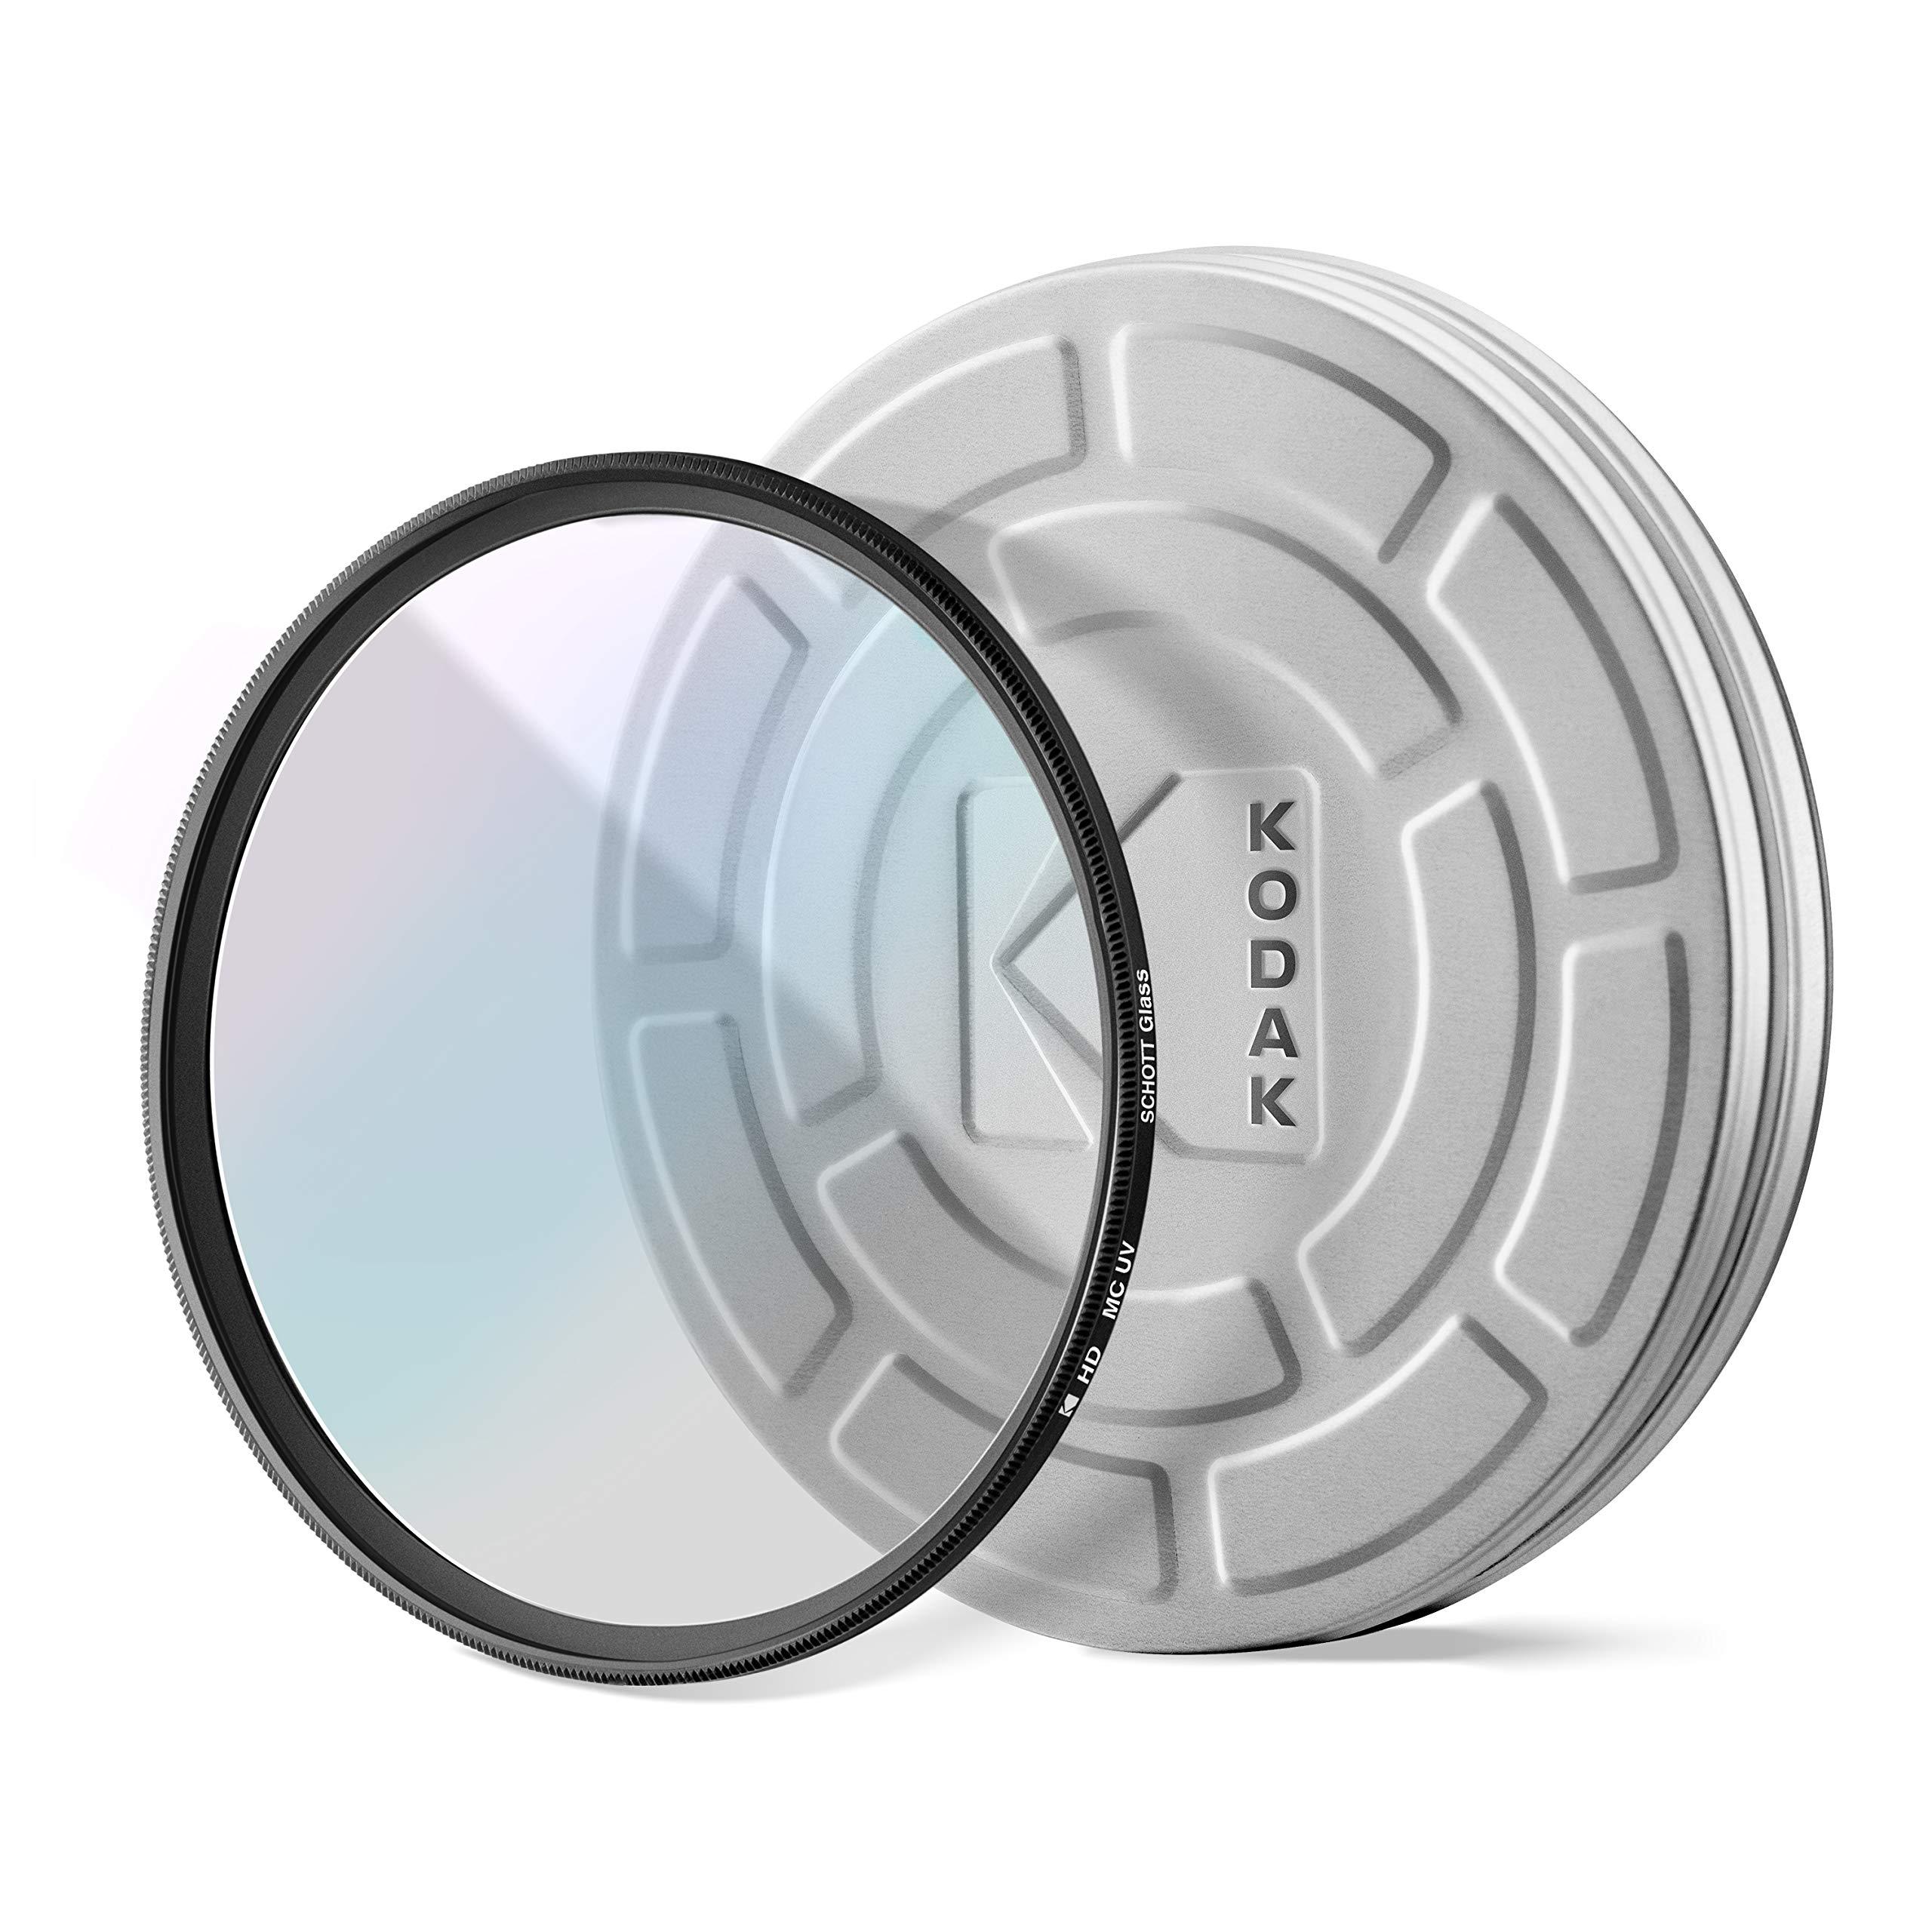 KODAK 52mm UV Filter | German Schott Glass Premium Ultraviolet Filter, Slim 18-Layer Polished Coating | Absorbs Atmospheric Haze Protects Lens & Improves Sharpness & Contrast, 99% Light Transmittance